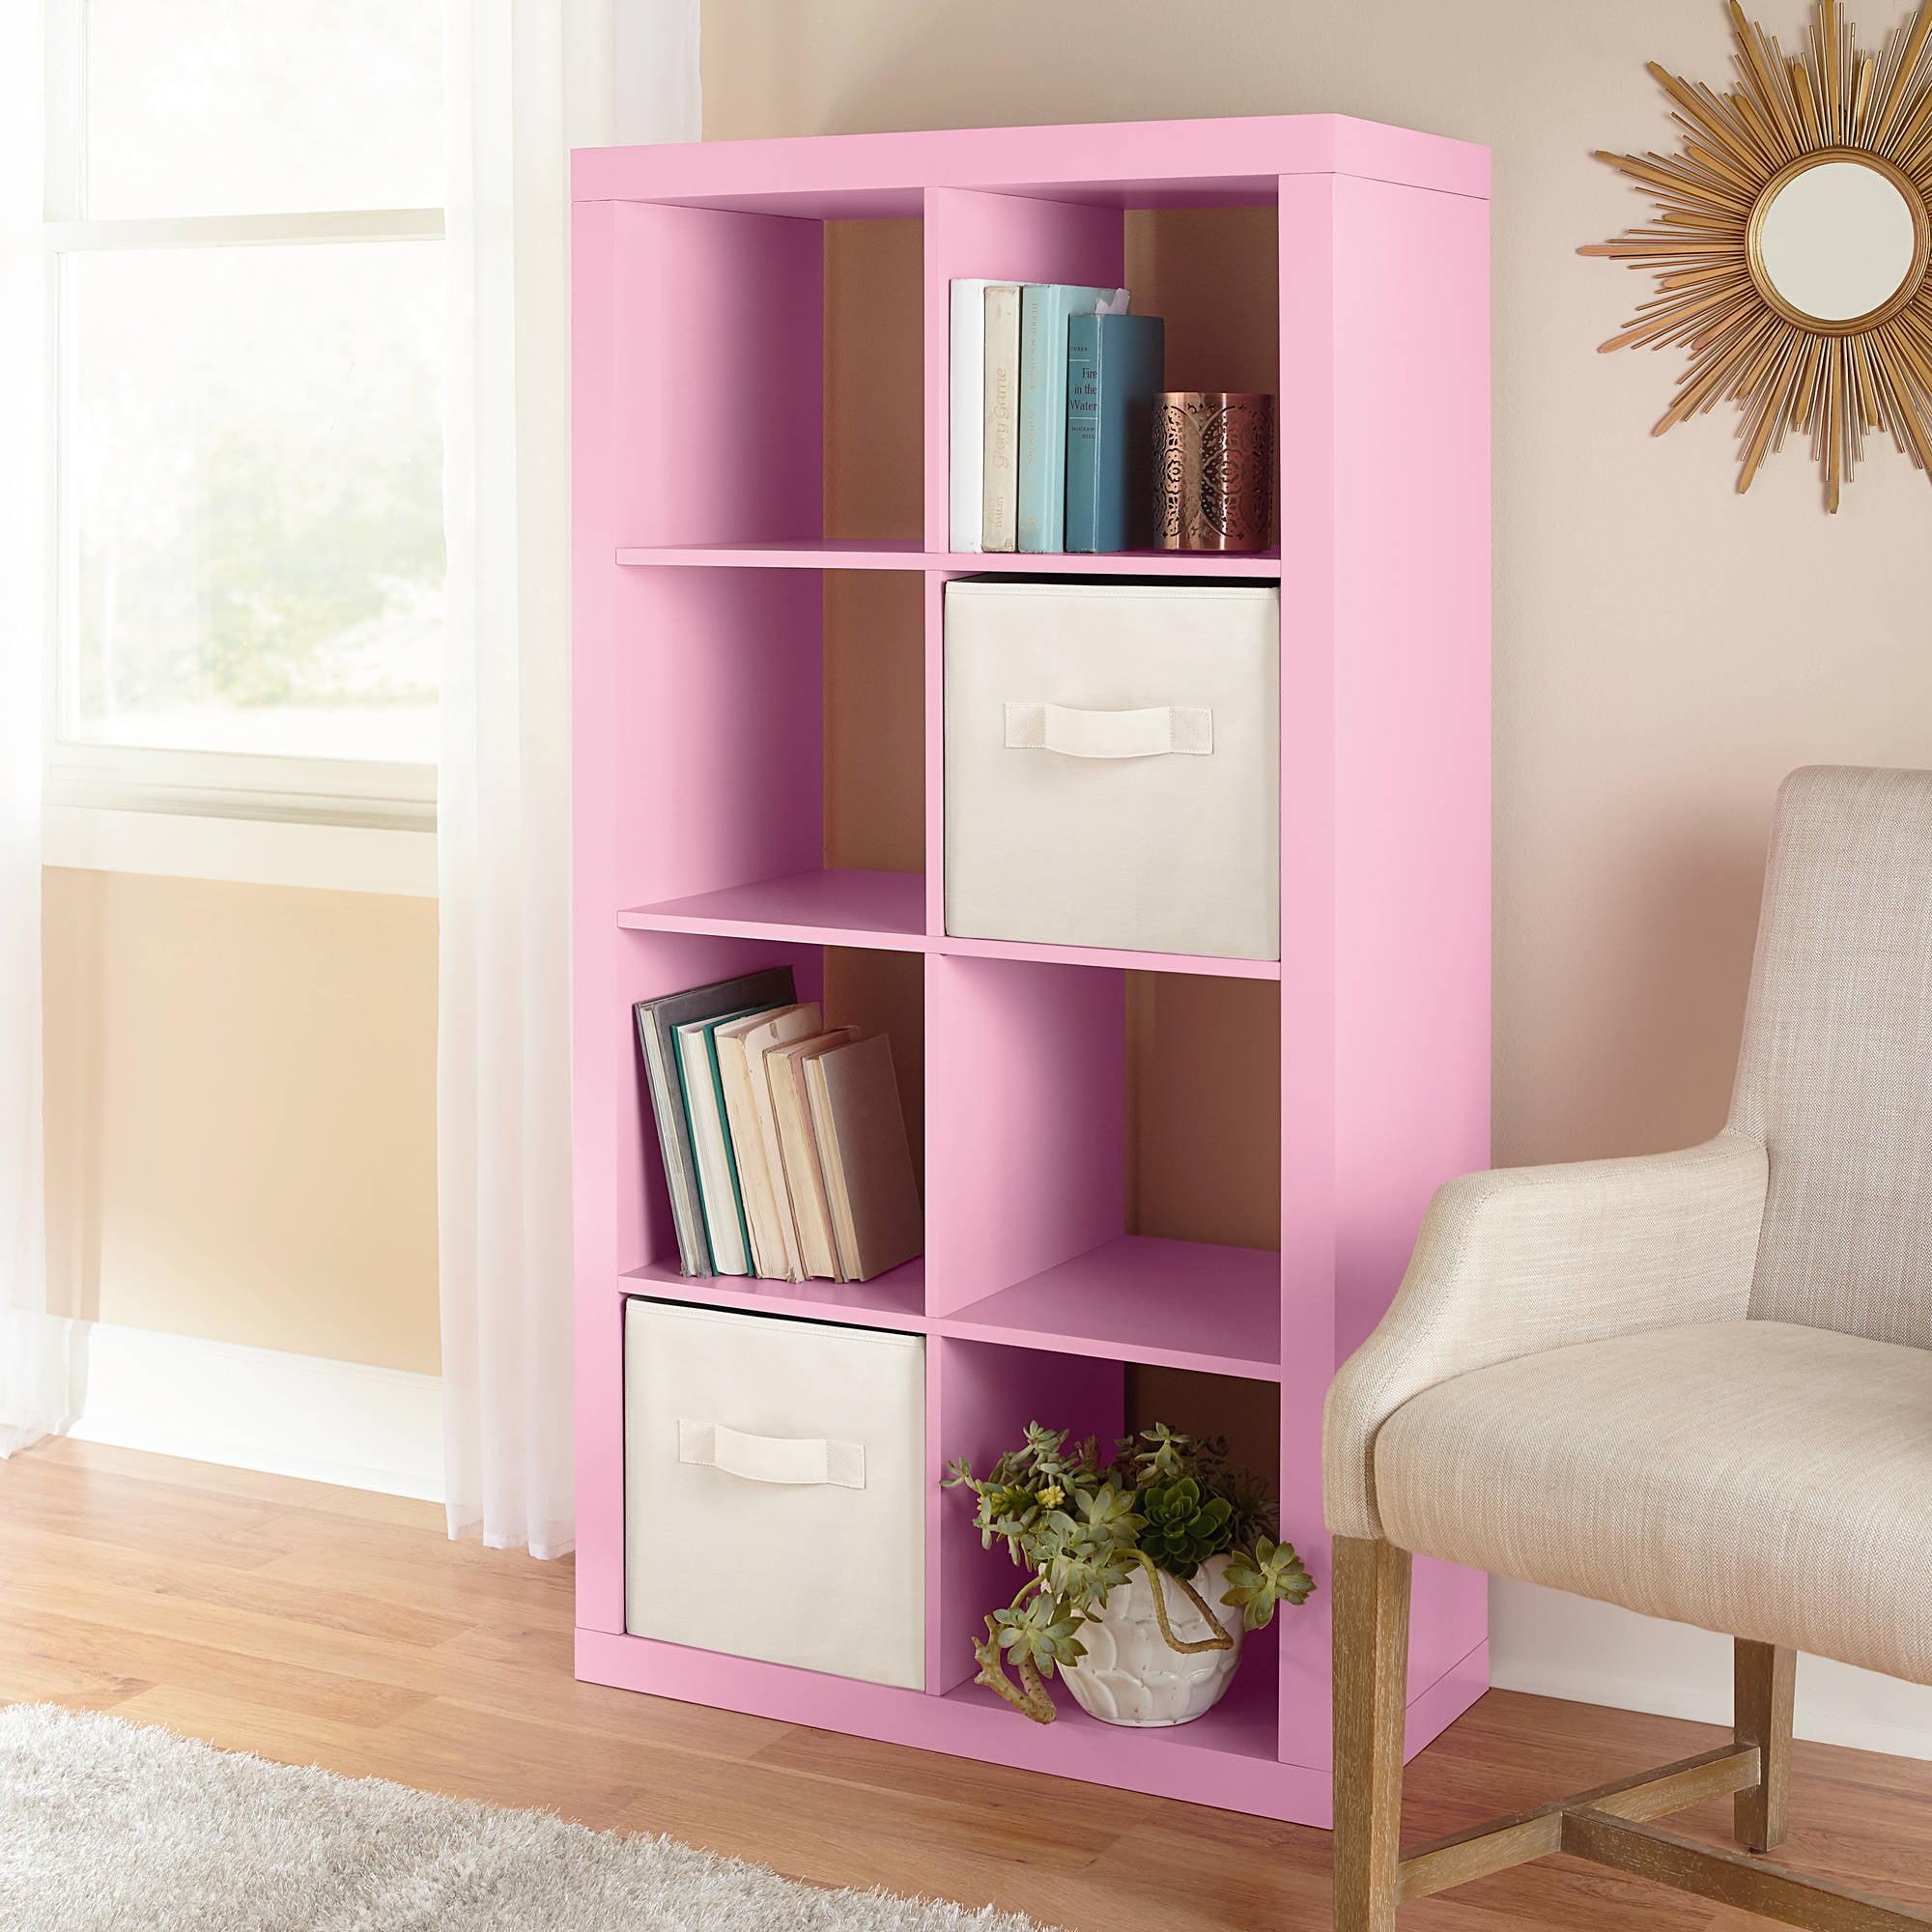 htm sweet monde maisons p du door en pink uk bookcase